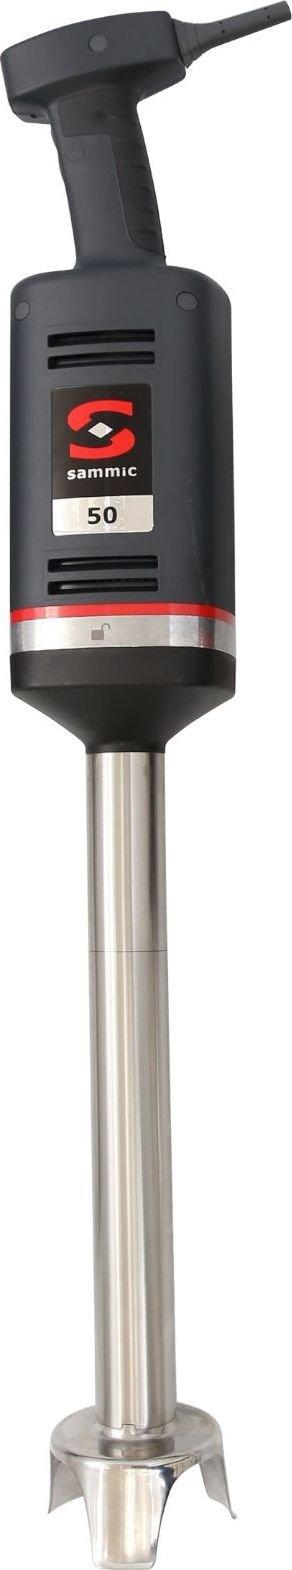 Blender Sammic Mikser blender ręczny z ramieniem miksującym rozdrabniającym XM-51 570 W - Sammic 3030684 Mikser blender ręczny z ramieniem miksującym